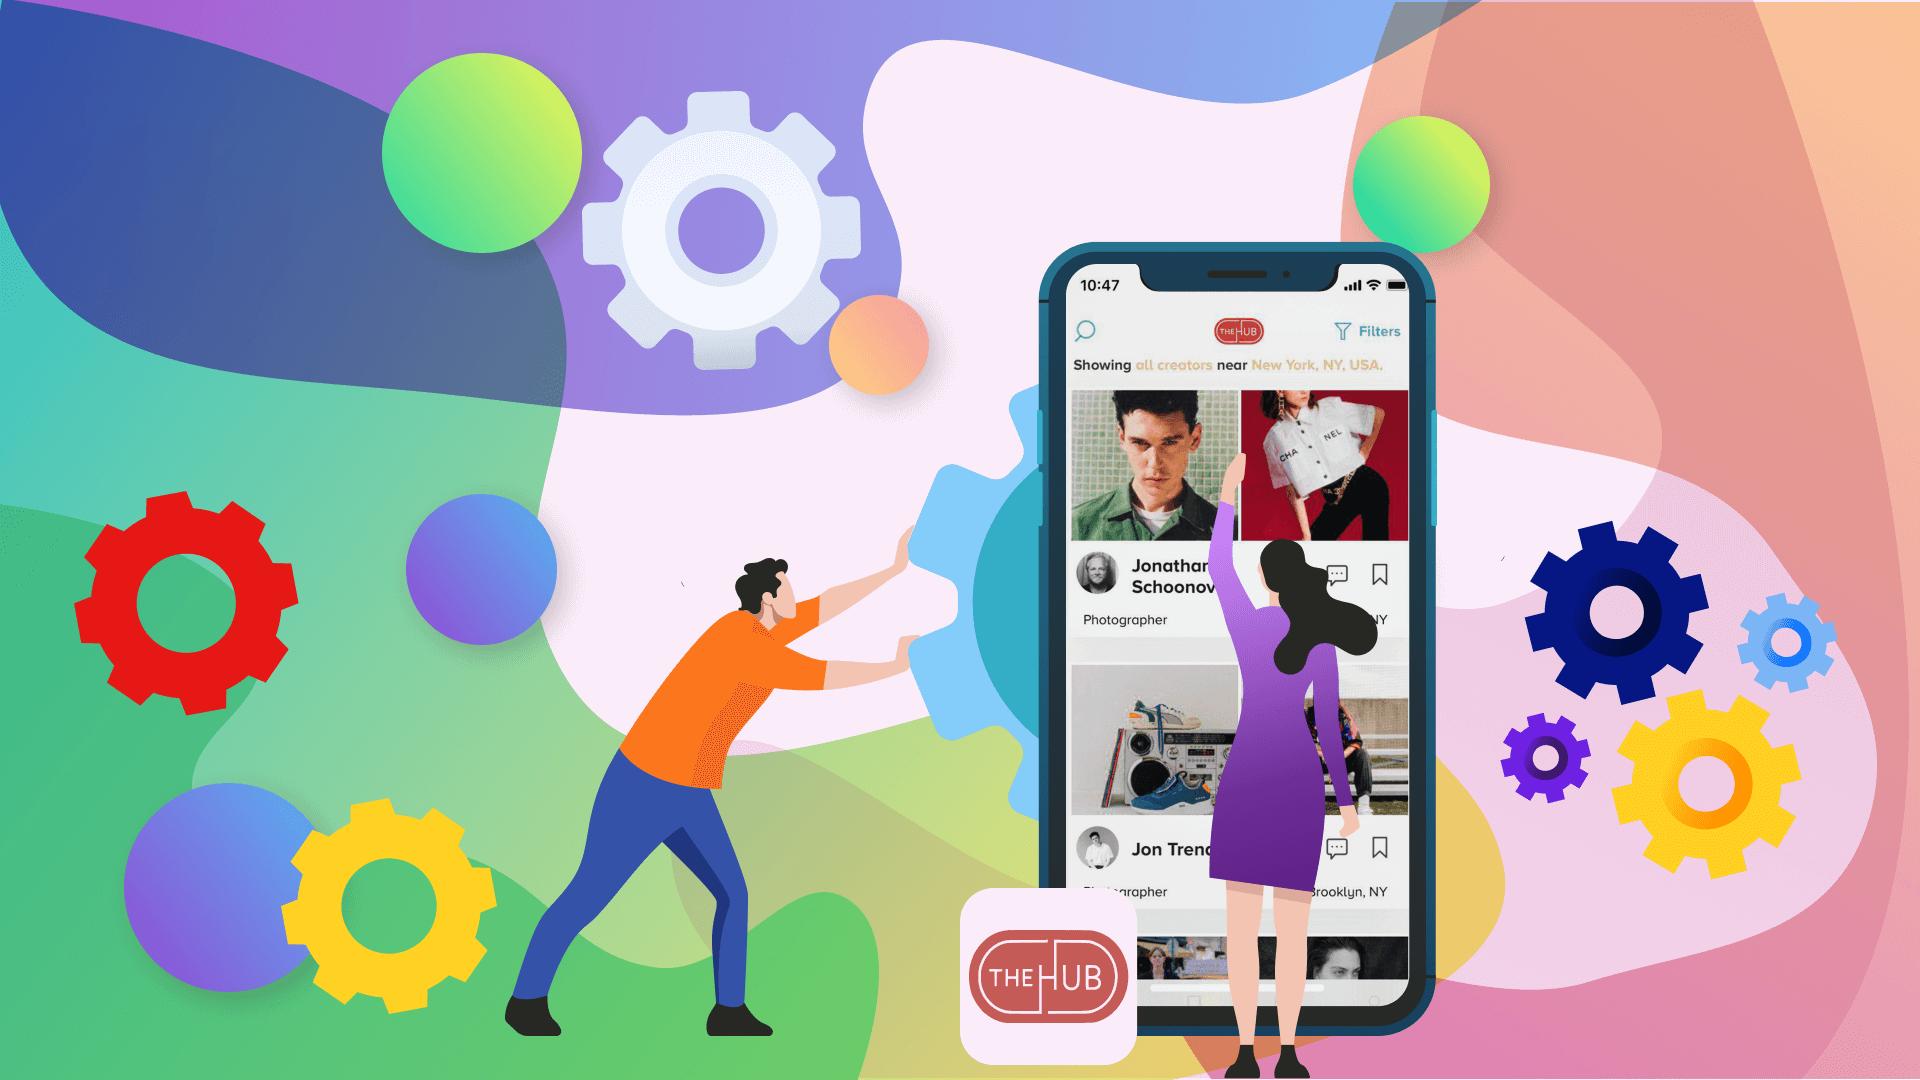 the H Hub Social Media Platform